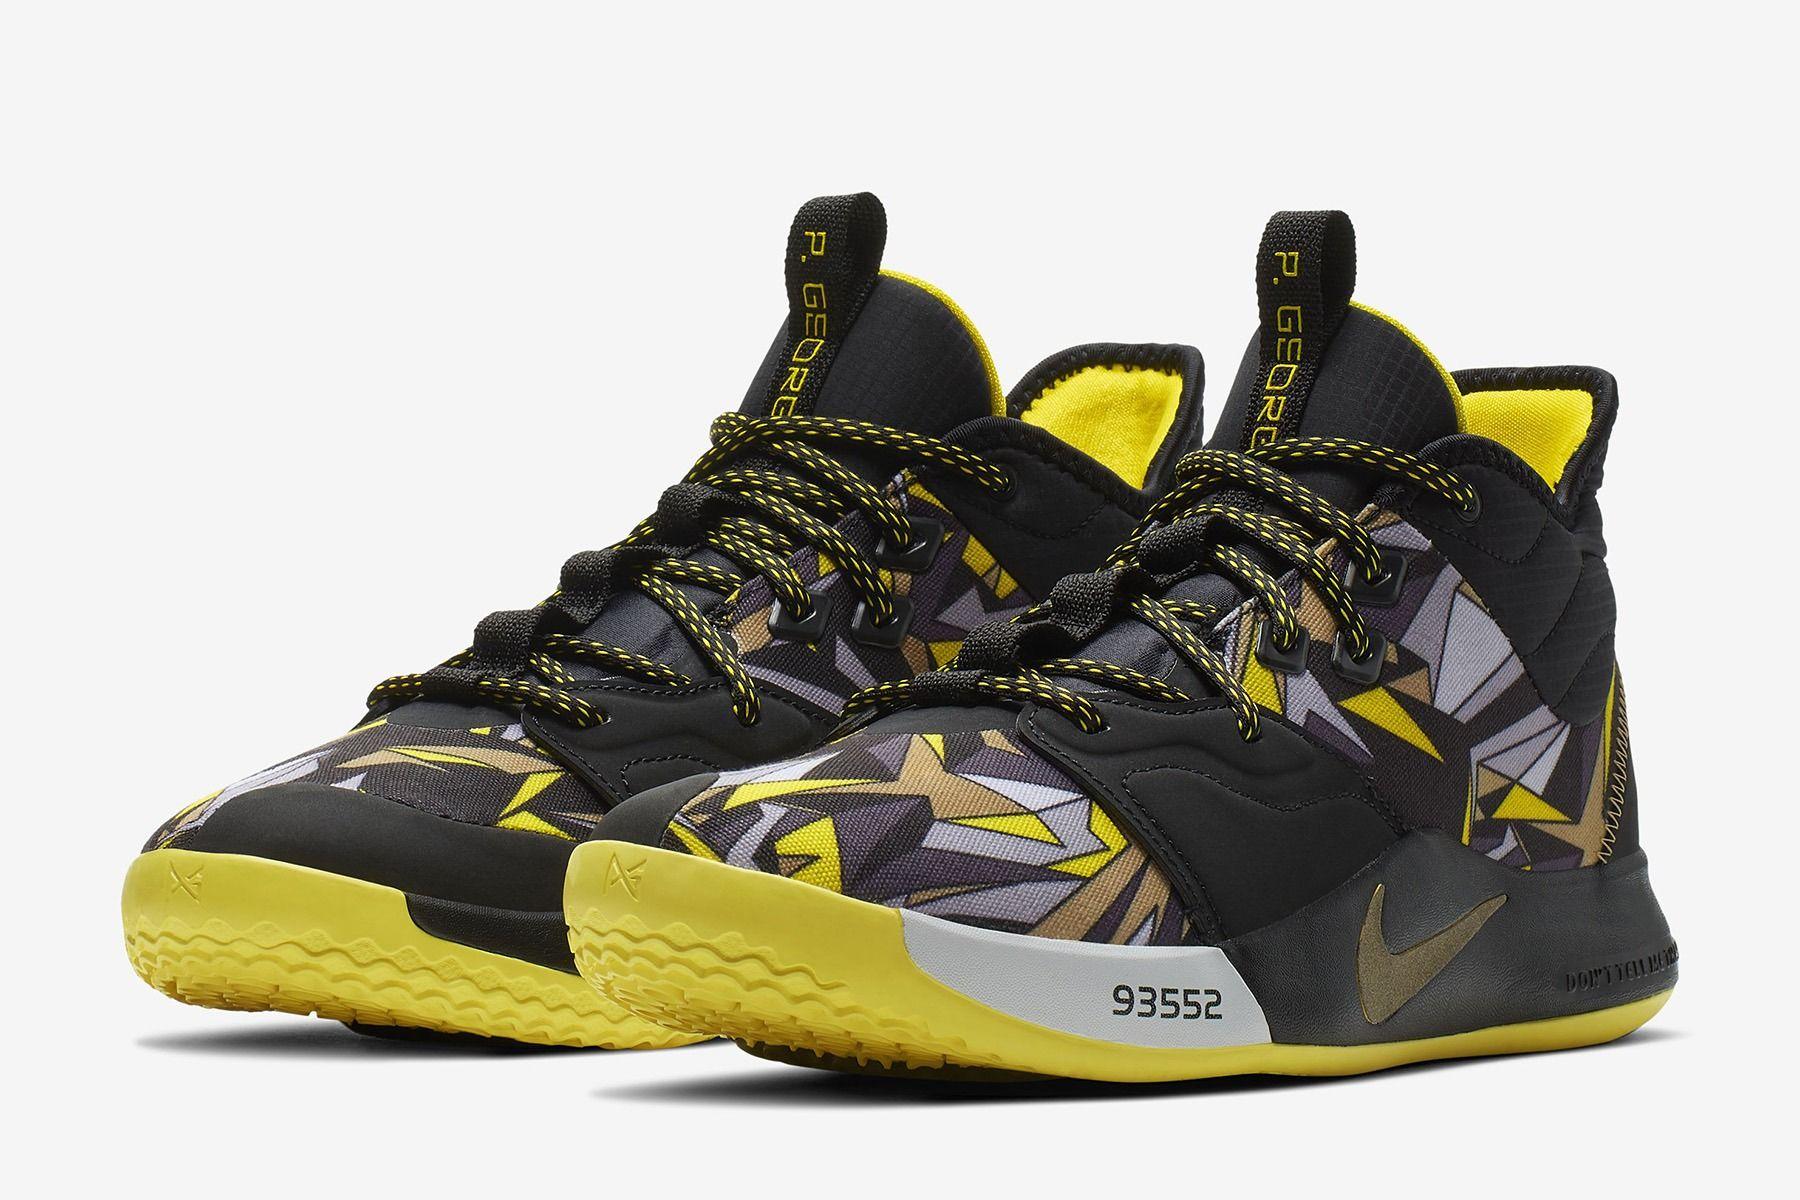 Basketball shoes, Nike basketball shoes